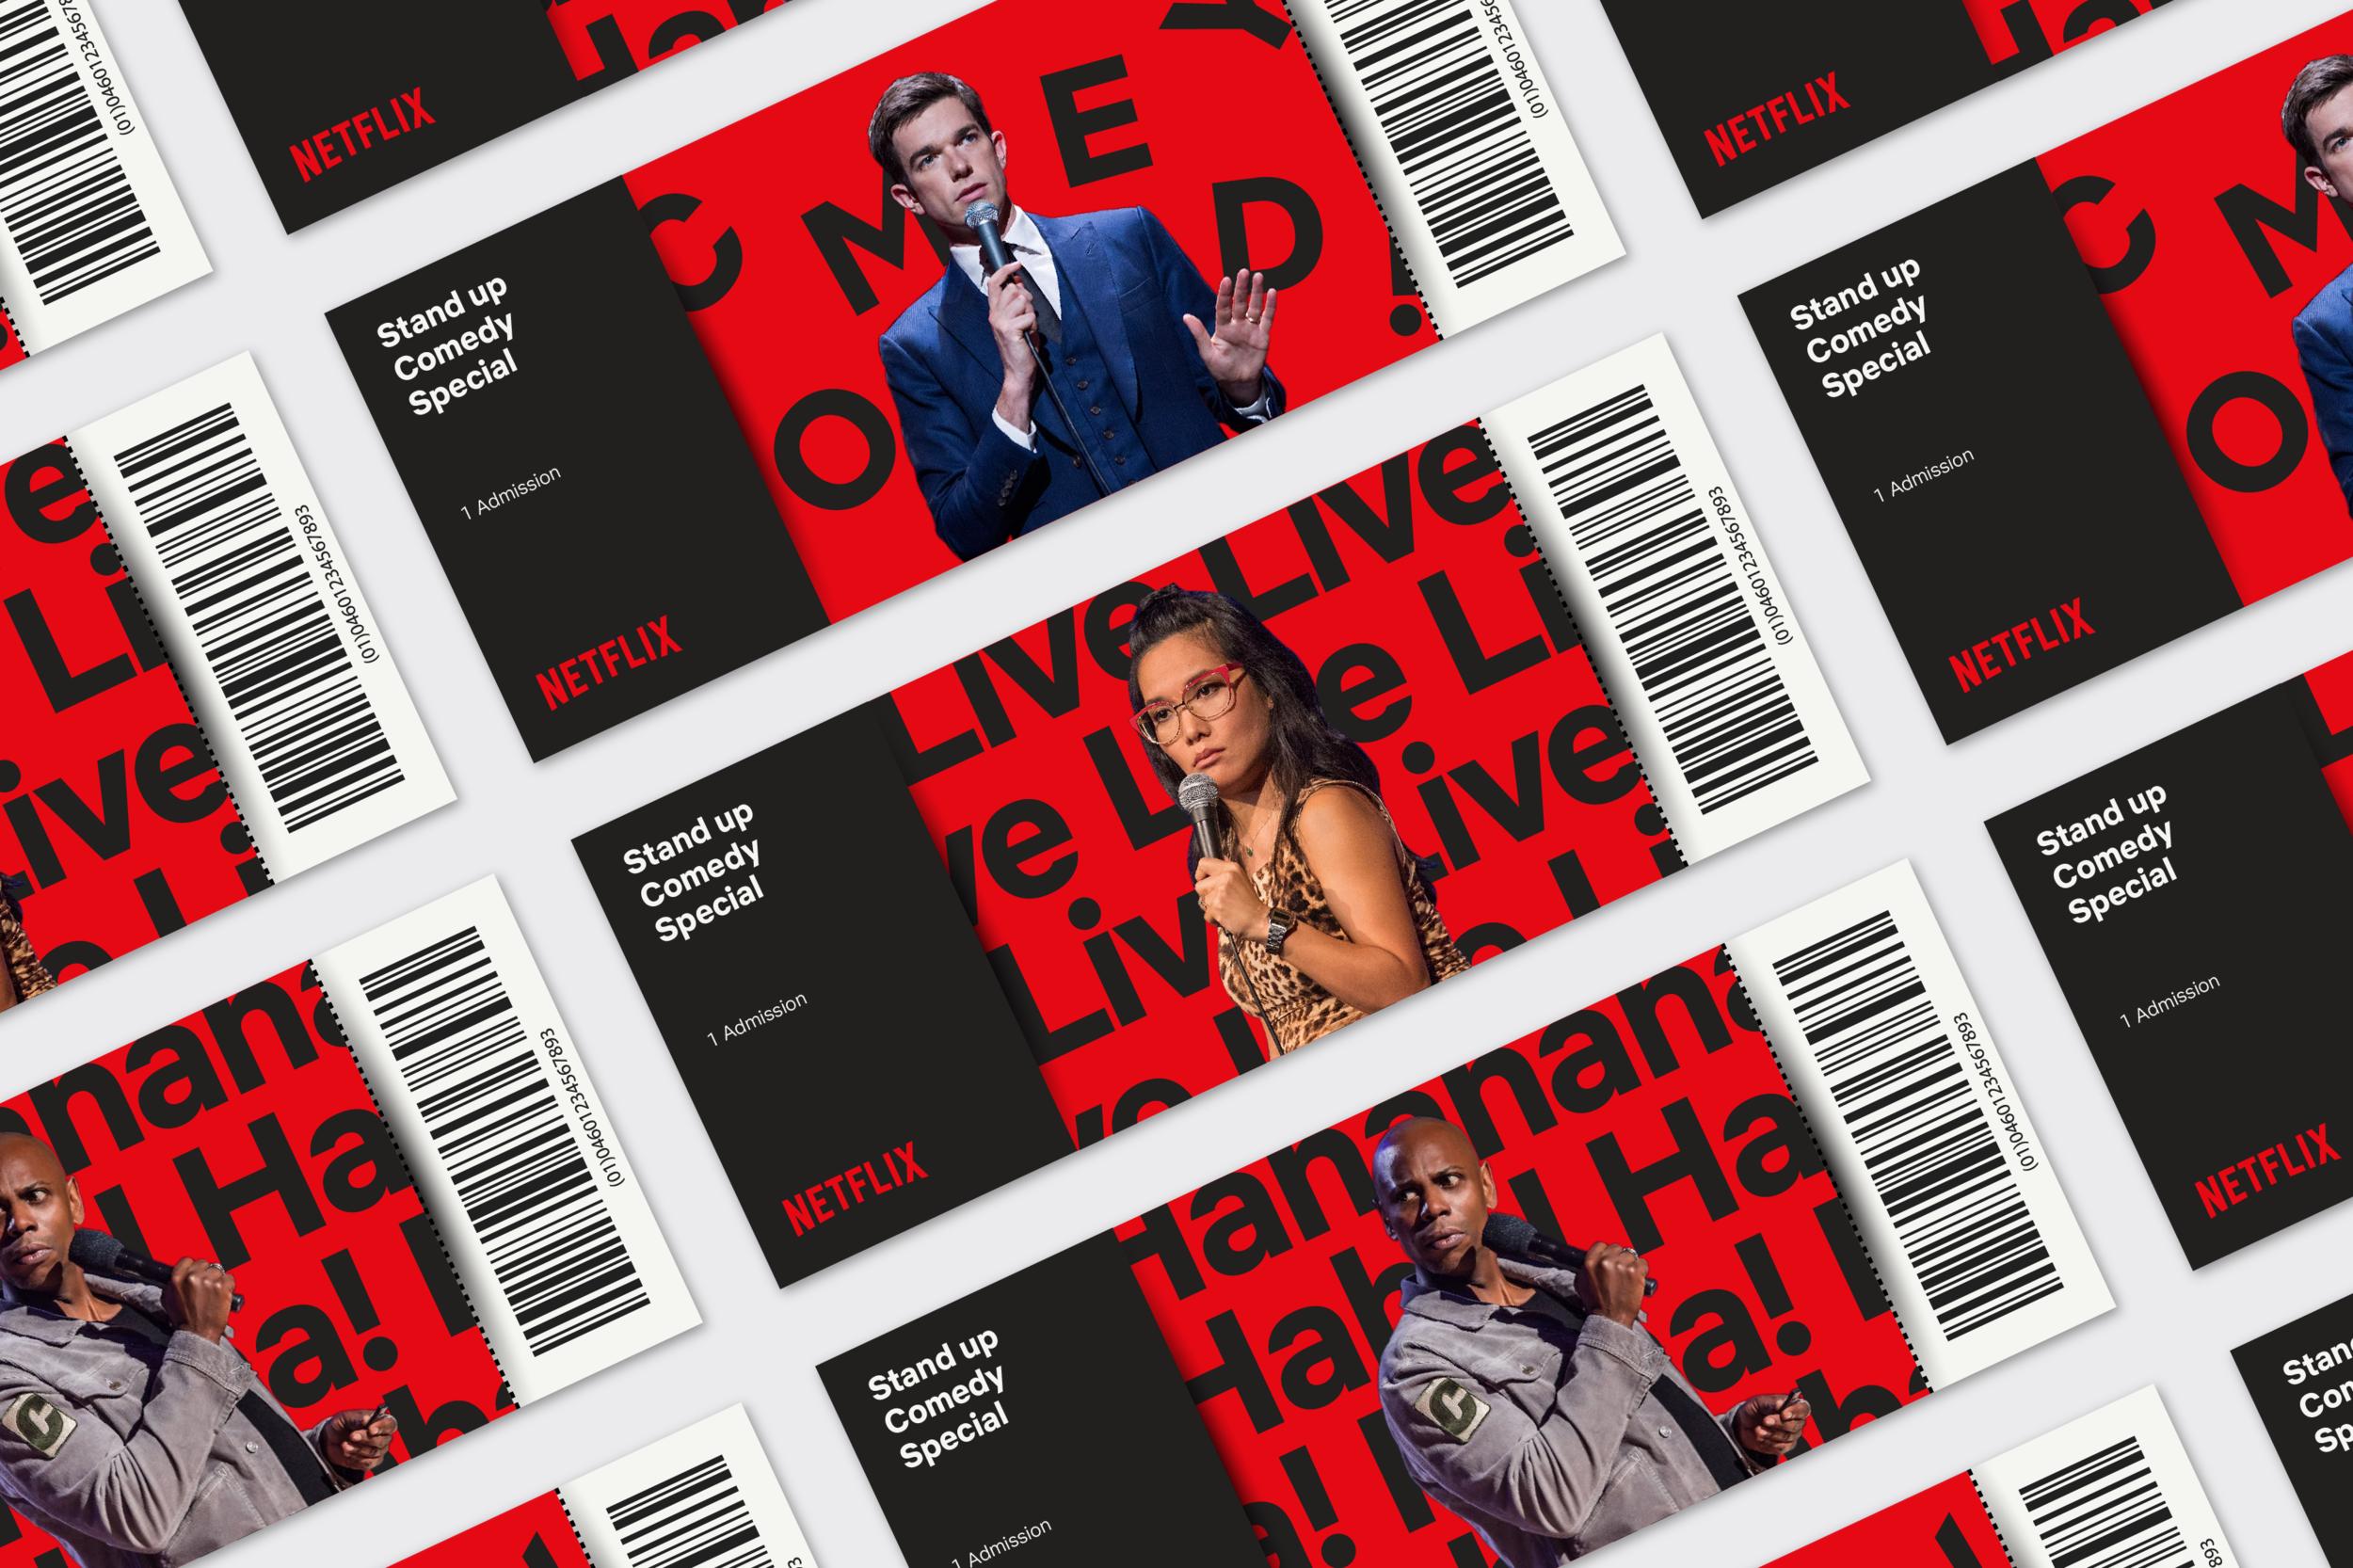 Netflix_Tickets.jpg